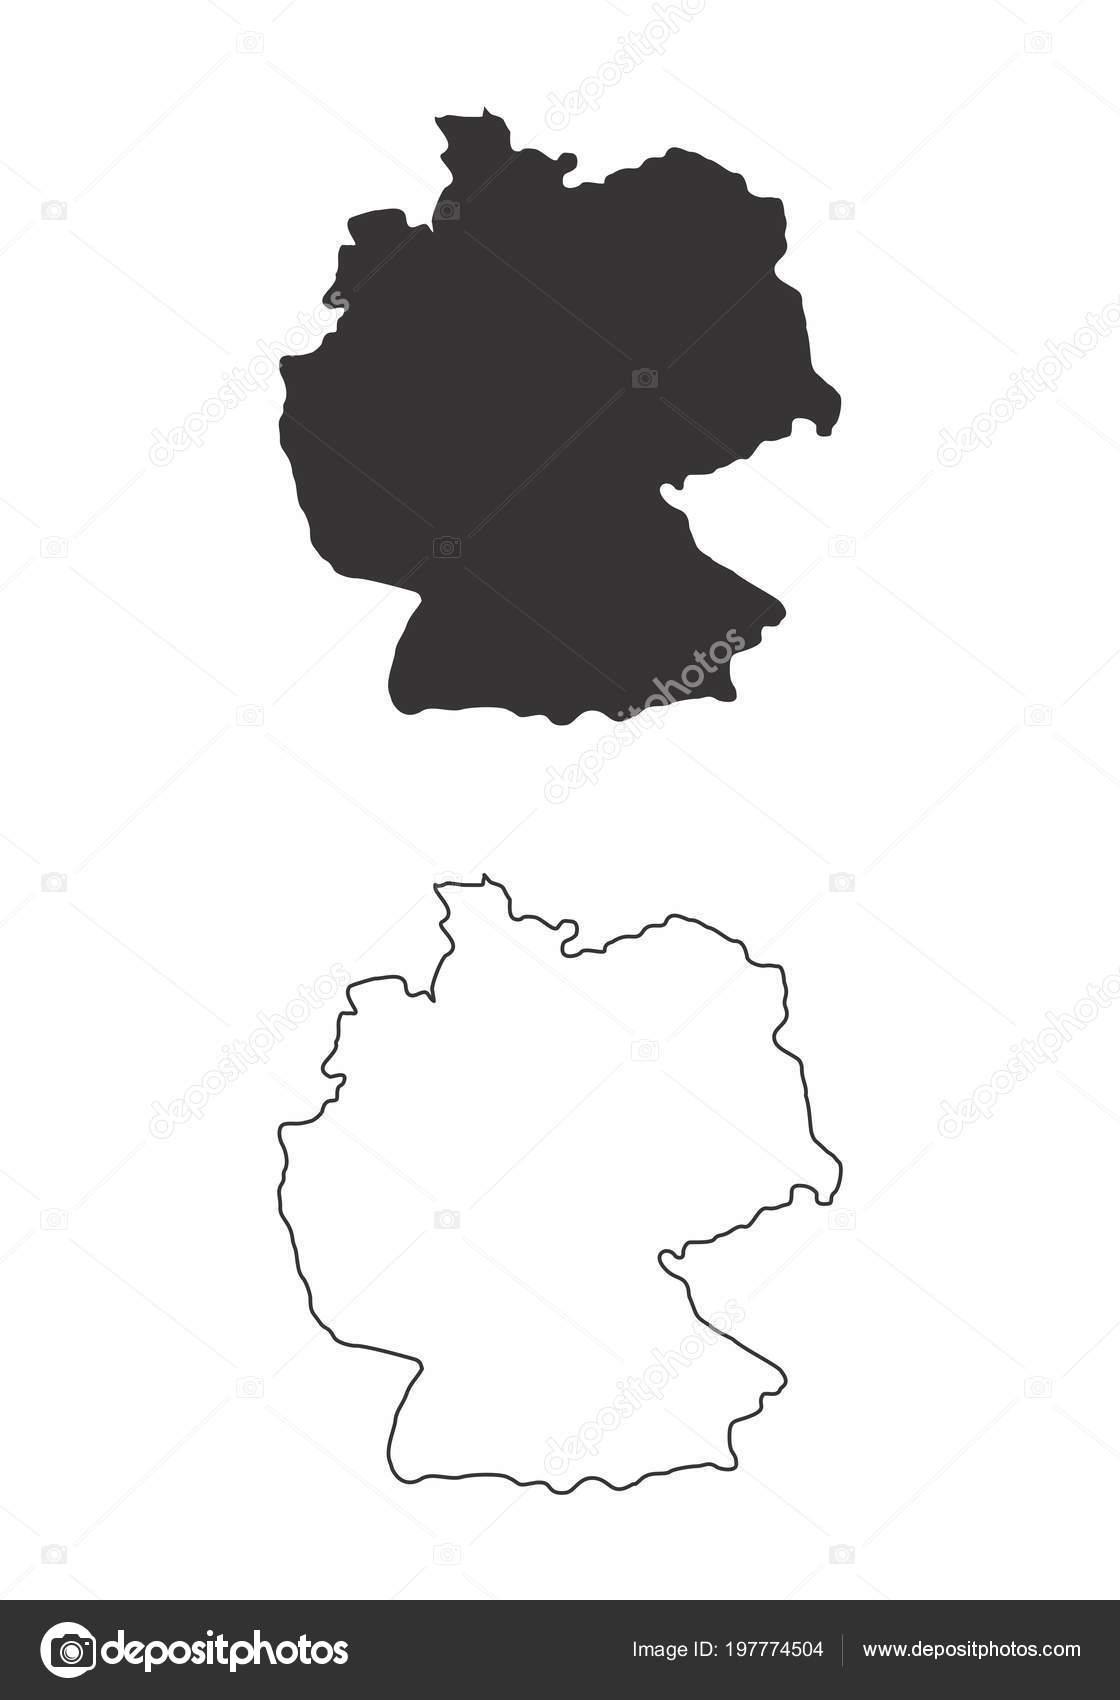 c1ed40c2dce795 Vereinfachte Karten Von Deutschland Schwarz Weiß Umrisse — Stockvektor